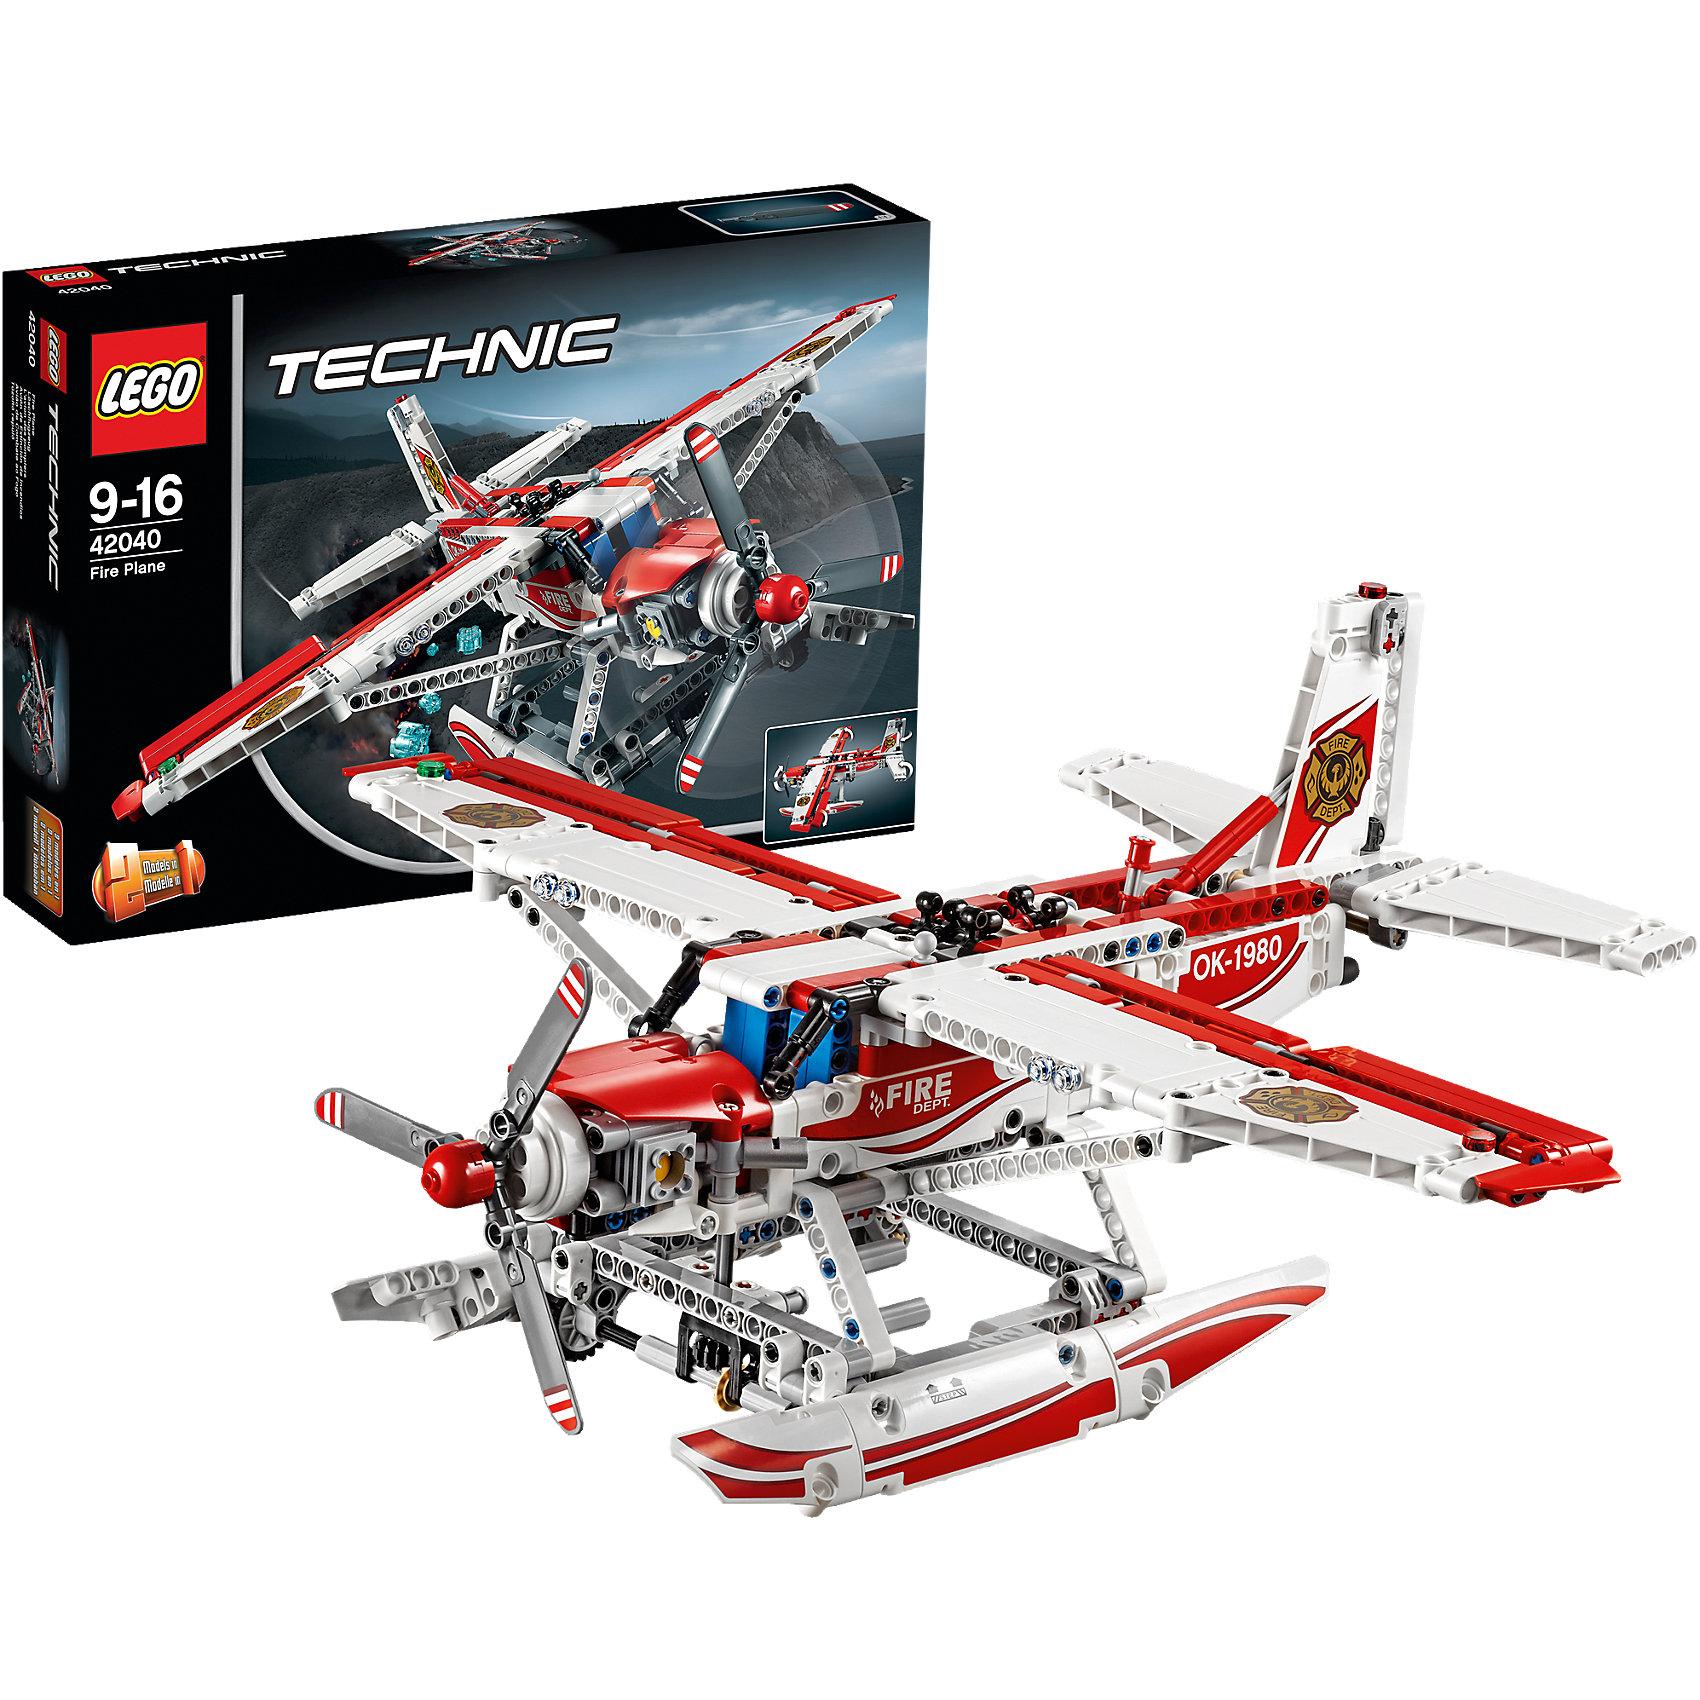 LEGO Technic 42040: Пожарный самолет